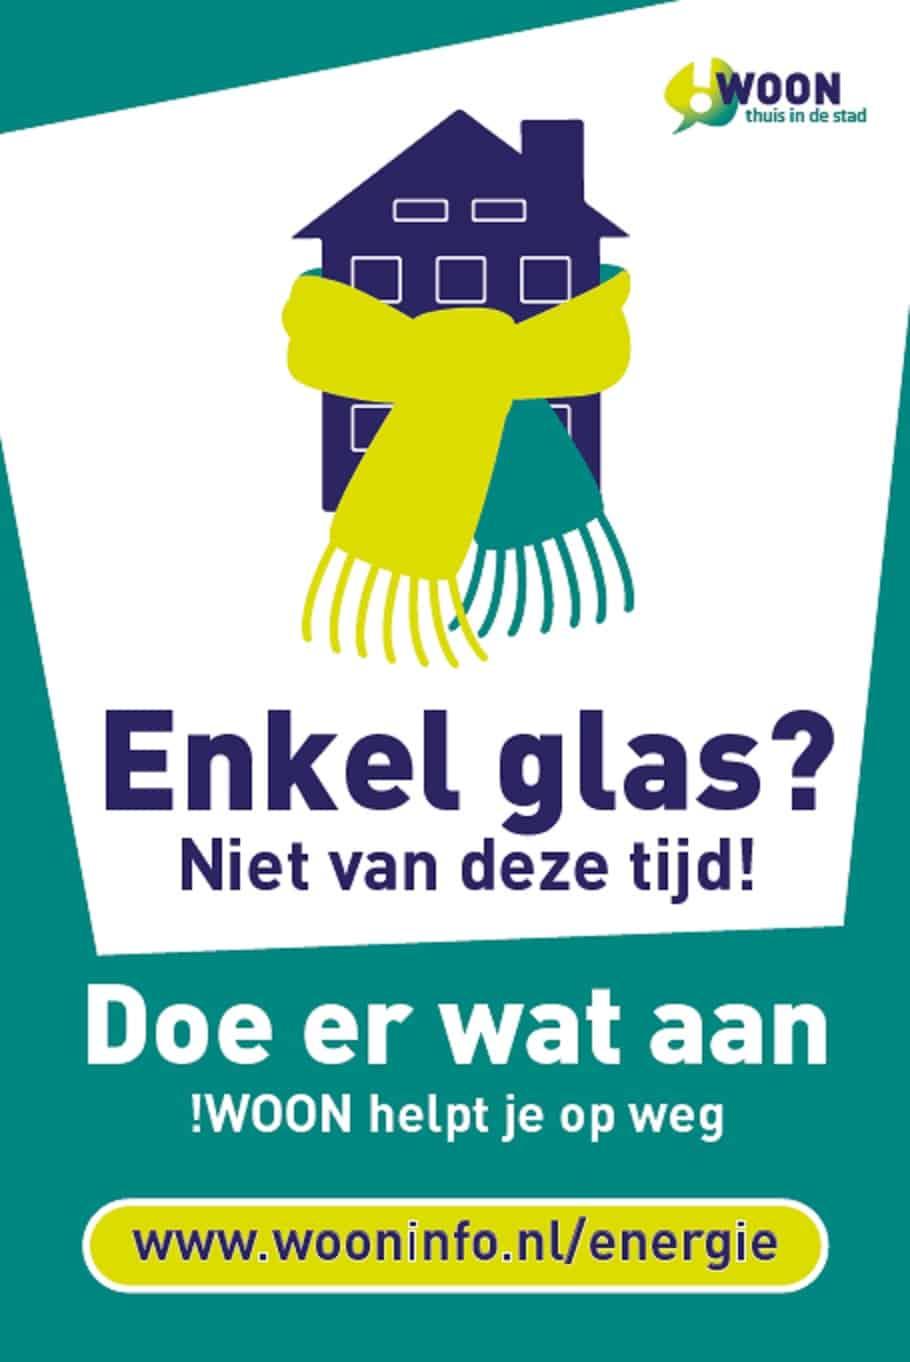 Nog 100.000 woningen met enkelglas in Amsterdam